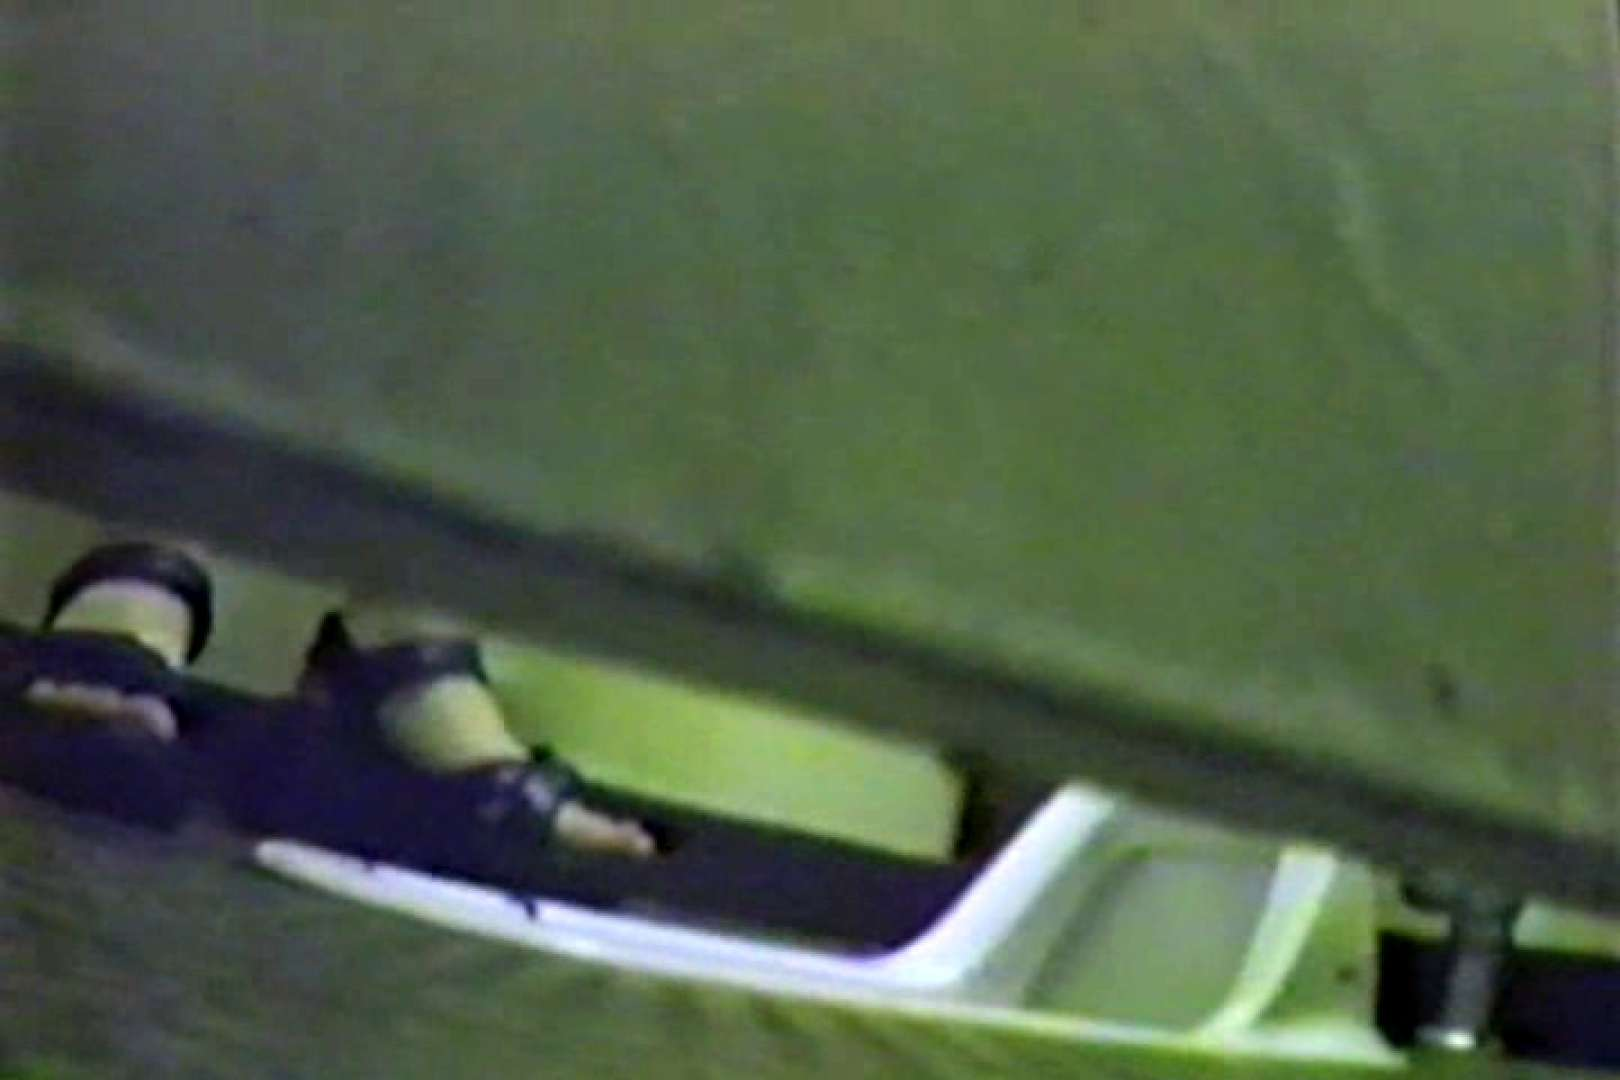 個室狂いのマニア映像Vol.1 おまんこ無修正 | 洗面所はめどり  95画像 58